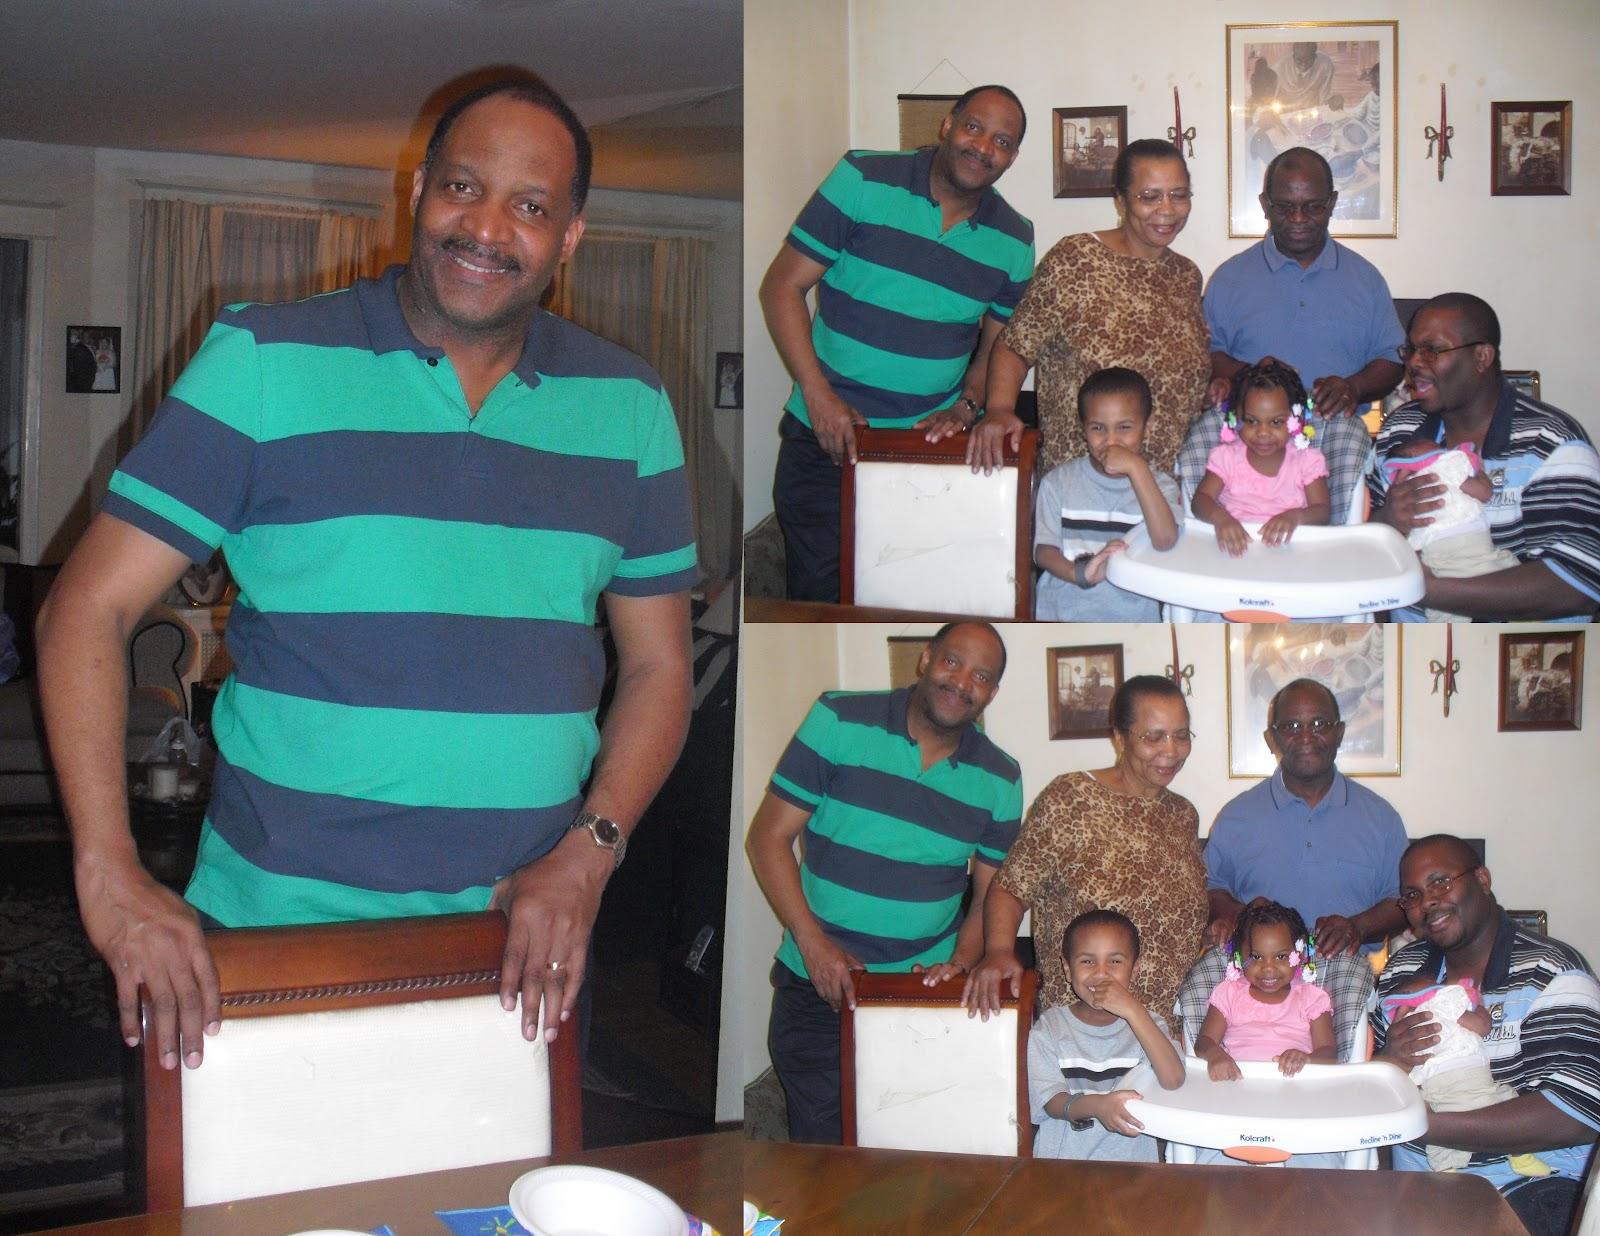 Kids Birthday Collage Online